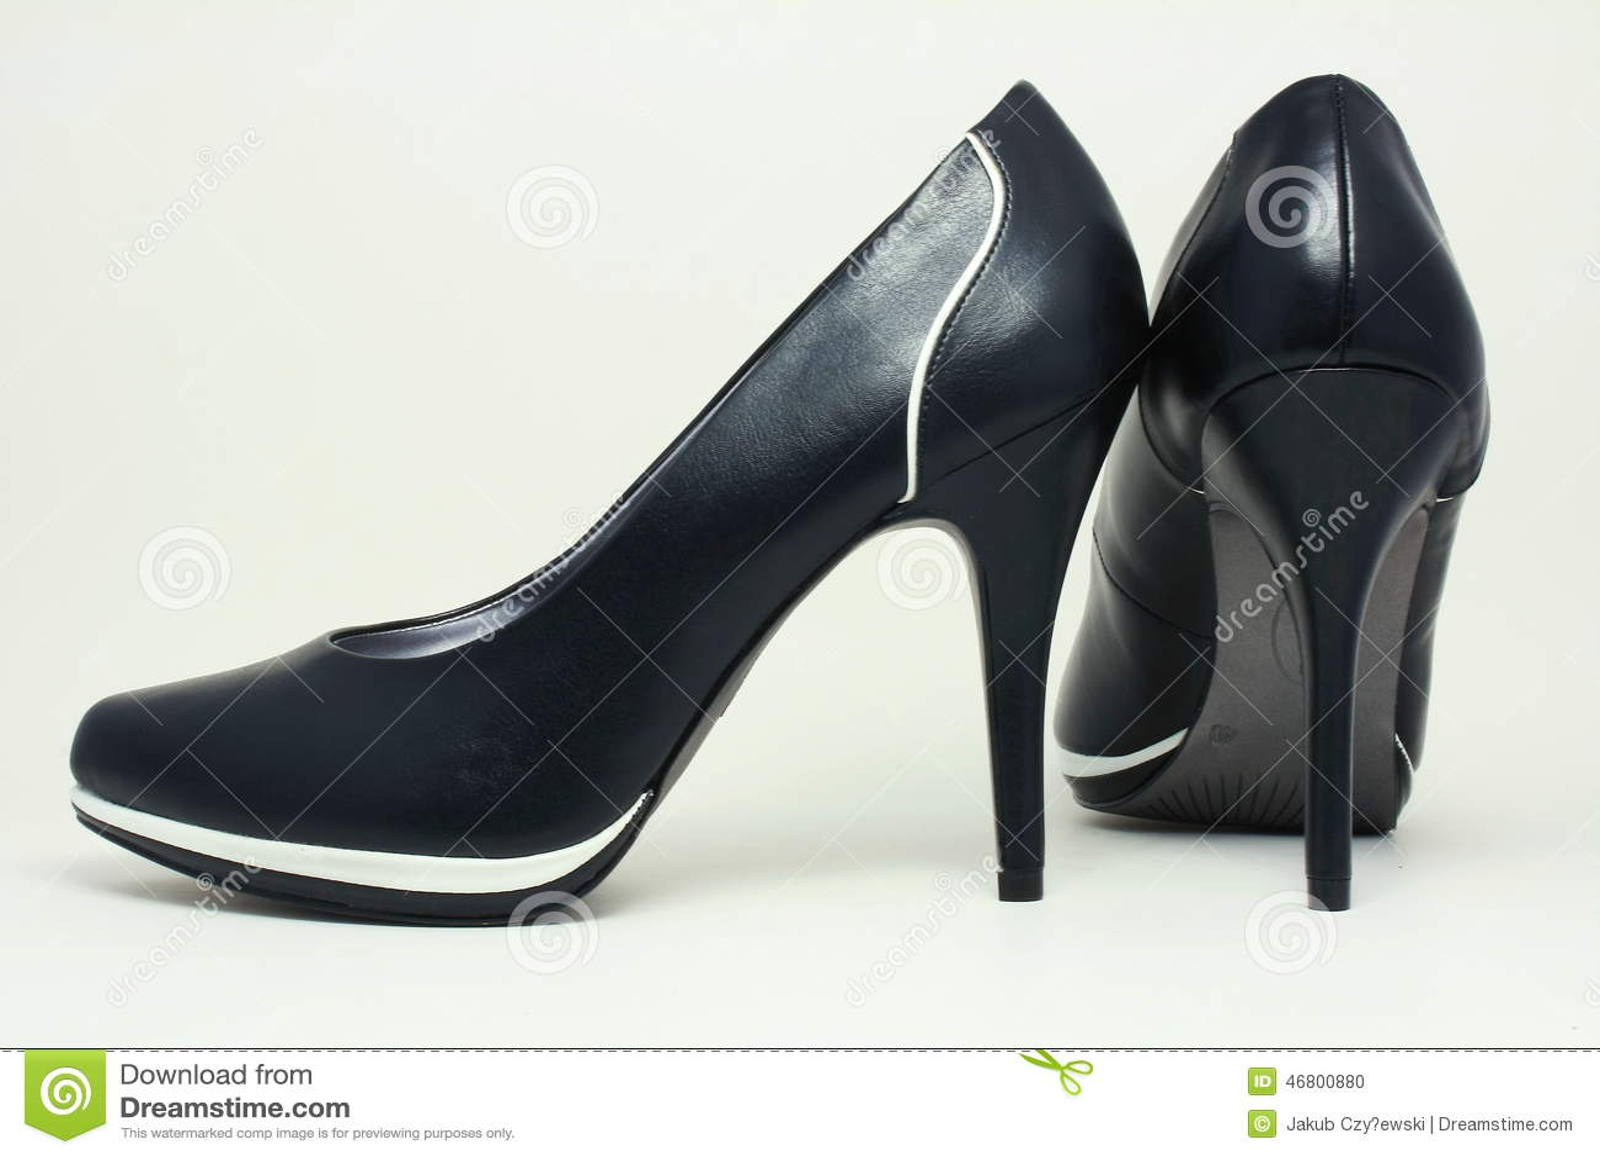 A Scarpe Alto Stock Eleganti Di Nere Immagine Tacco Fotografia znAUdnPxf